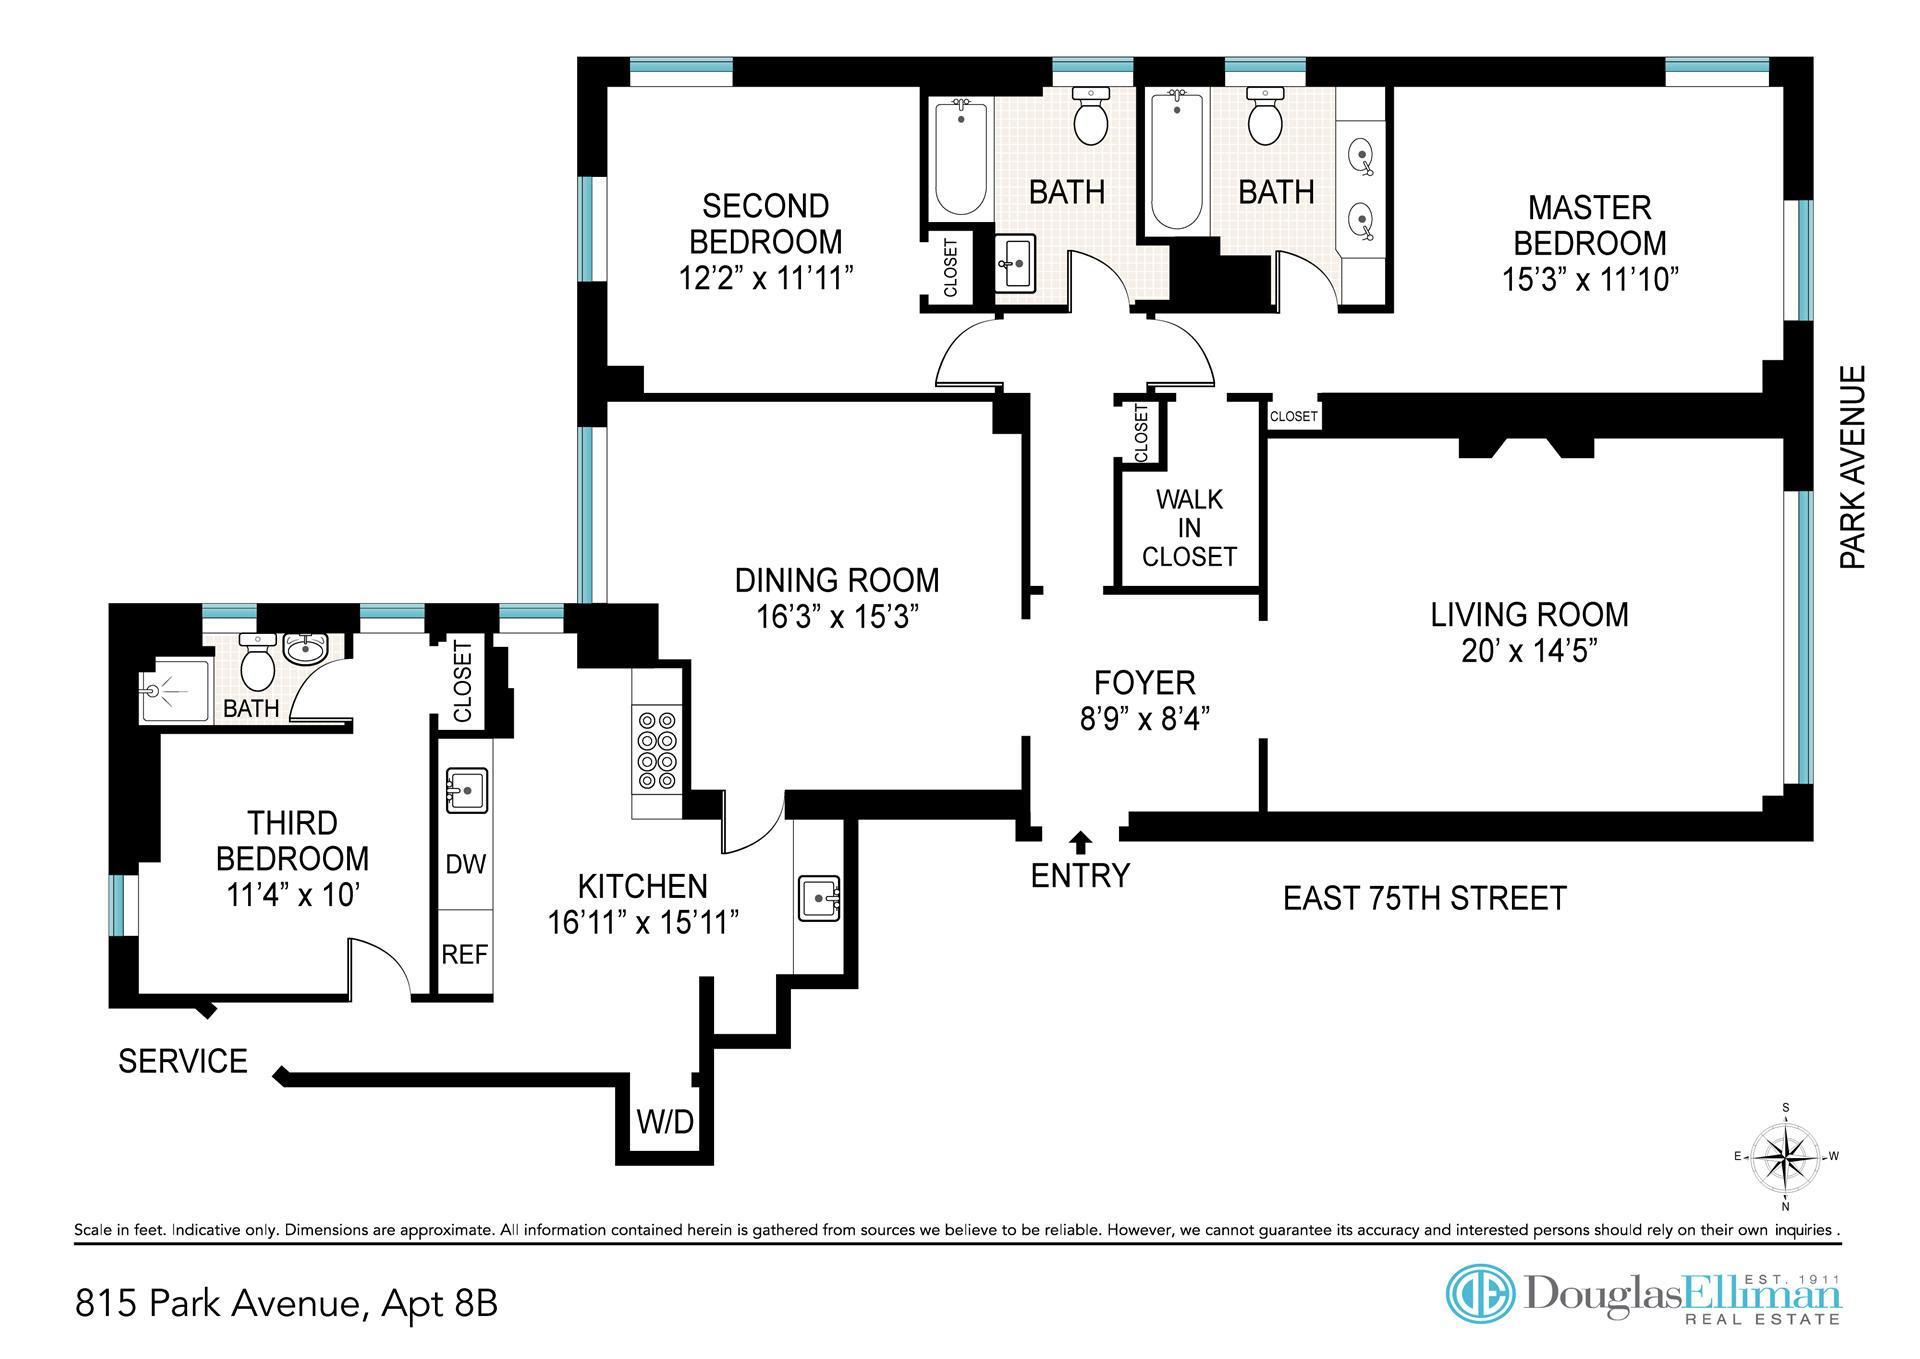 Floor plan of 815 Park Avenue, 8B - Upper East Side, New York